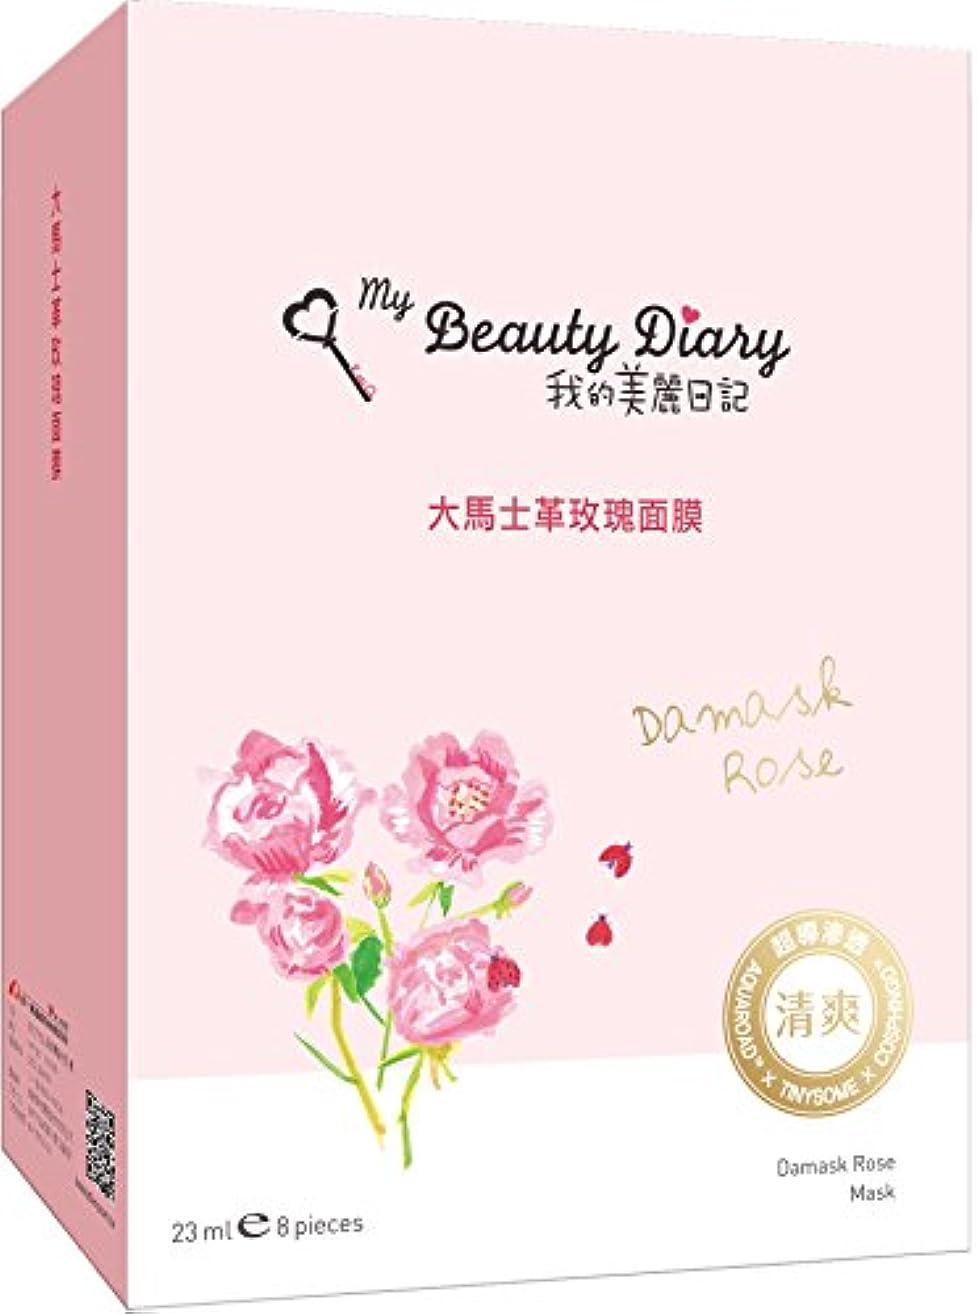 ロンドンスプレー提供された《我的美麗日記》 私のきれい日記 ダマスカスローズマスク 8枚入り 《台湾 お土産》 [並行輸入品]